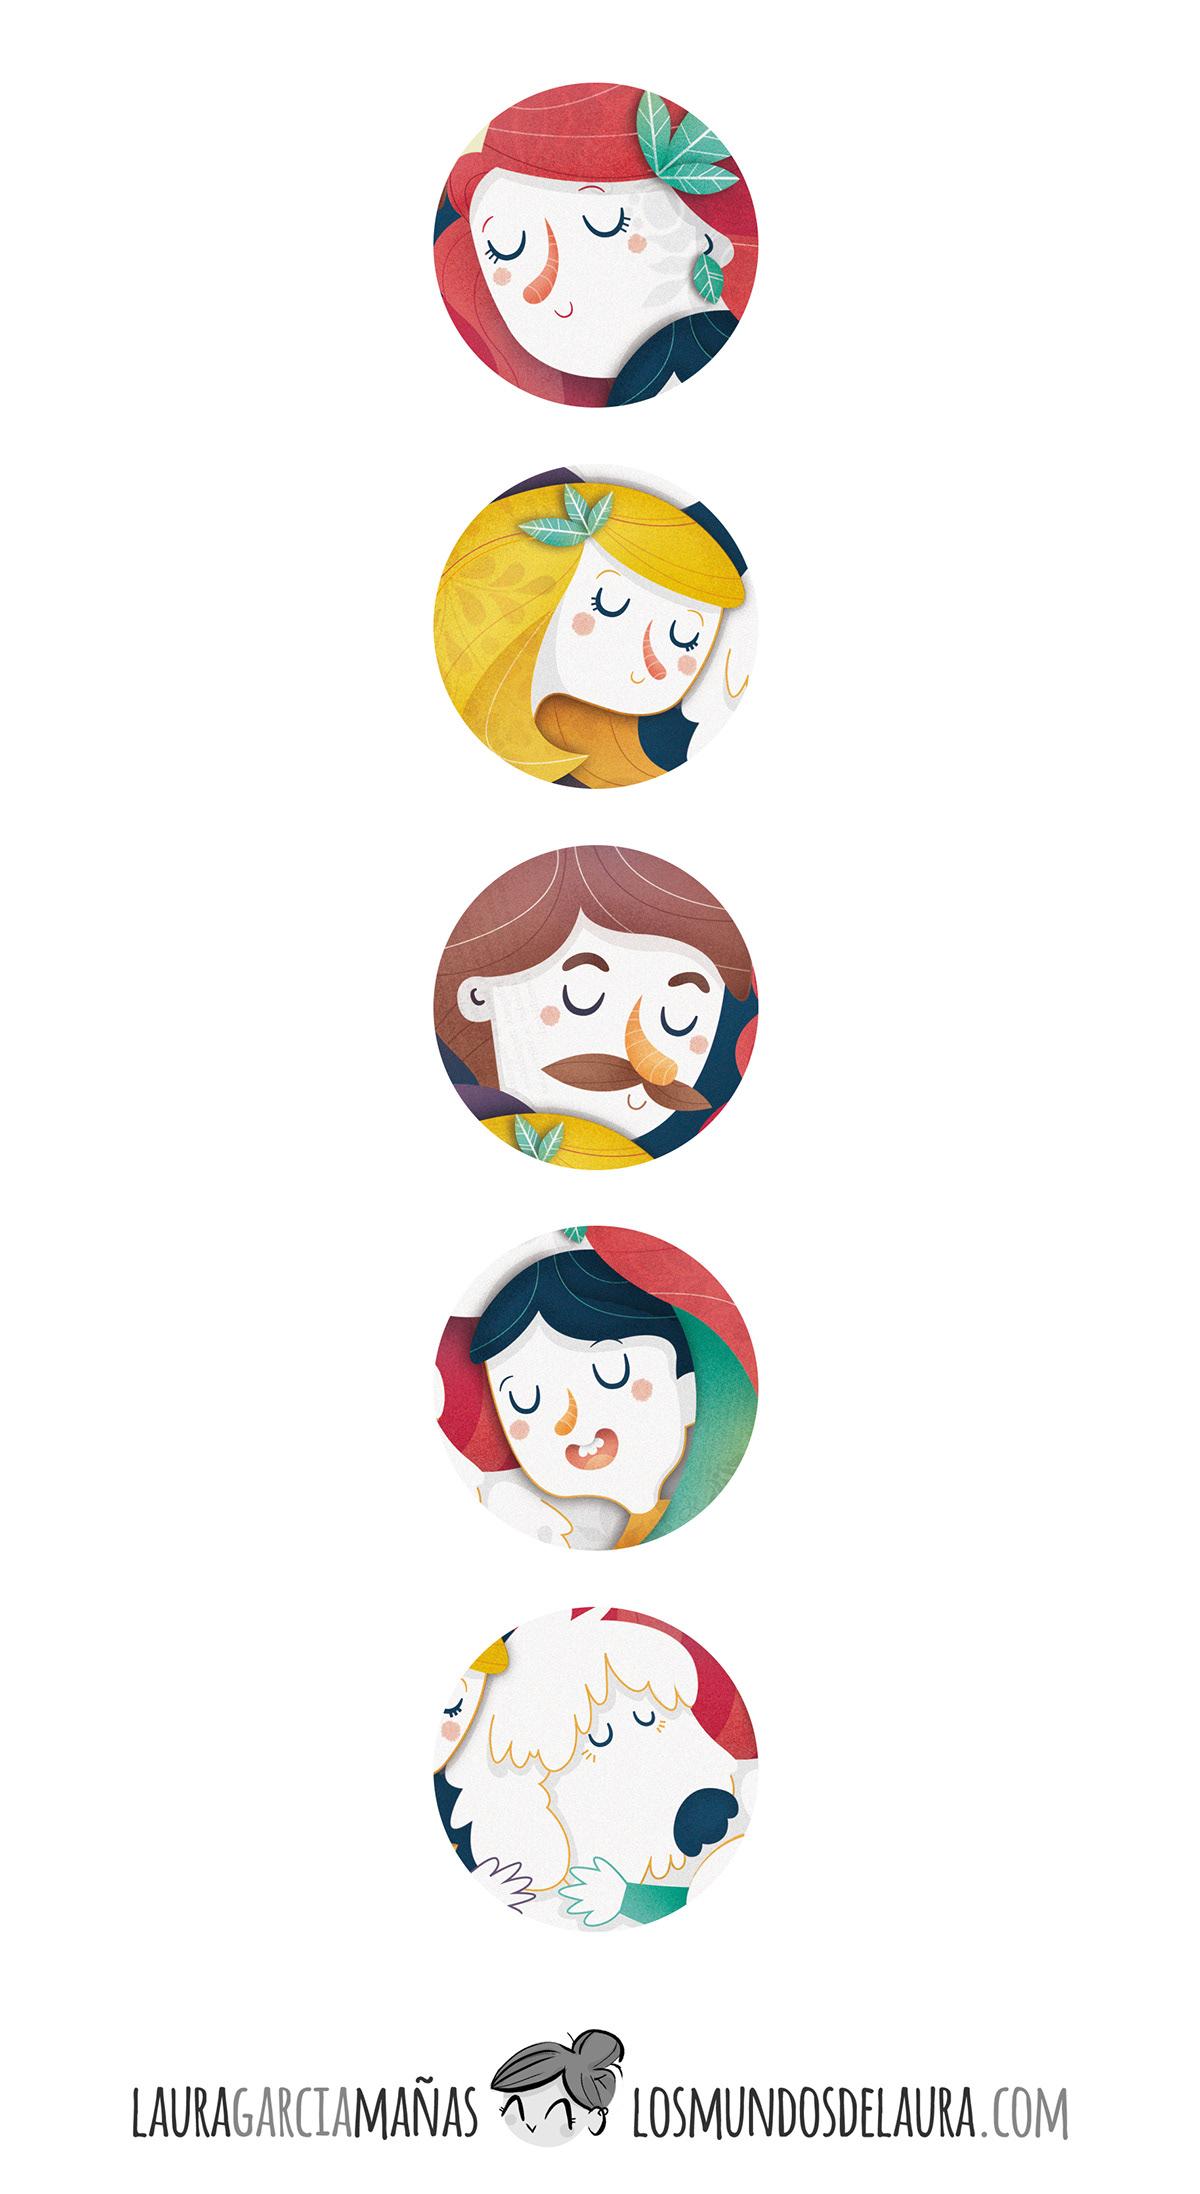 Bondad elconvivenciario juanlucasonieva ilustracion ilustracioninfantil Portada